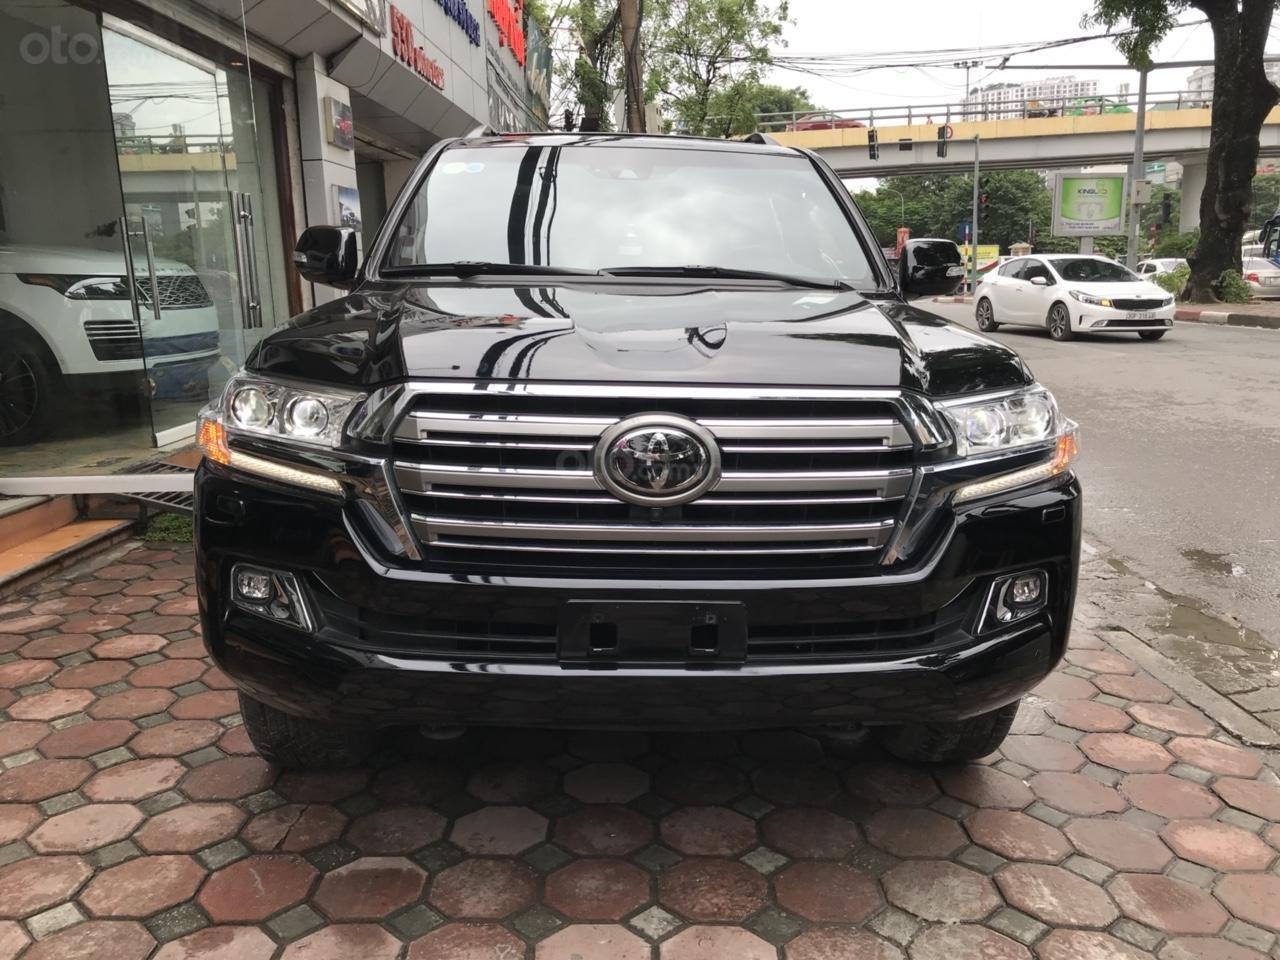 MT Auto bán Toyota Land Cruiser V8 5.7 SX 2016, xe mới 100% màu đen, xe nhập Mỹ nguyên chiếc - LH em Hương 0945392468-0